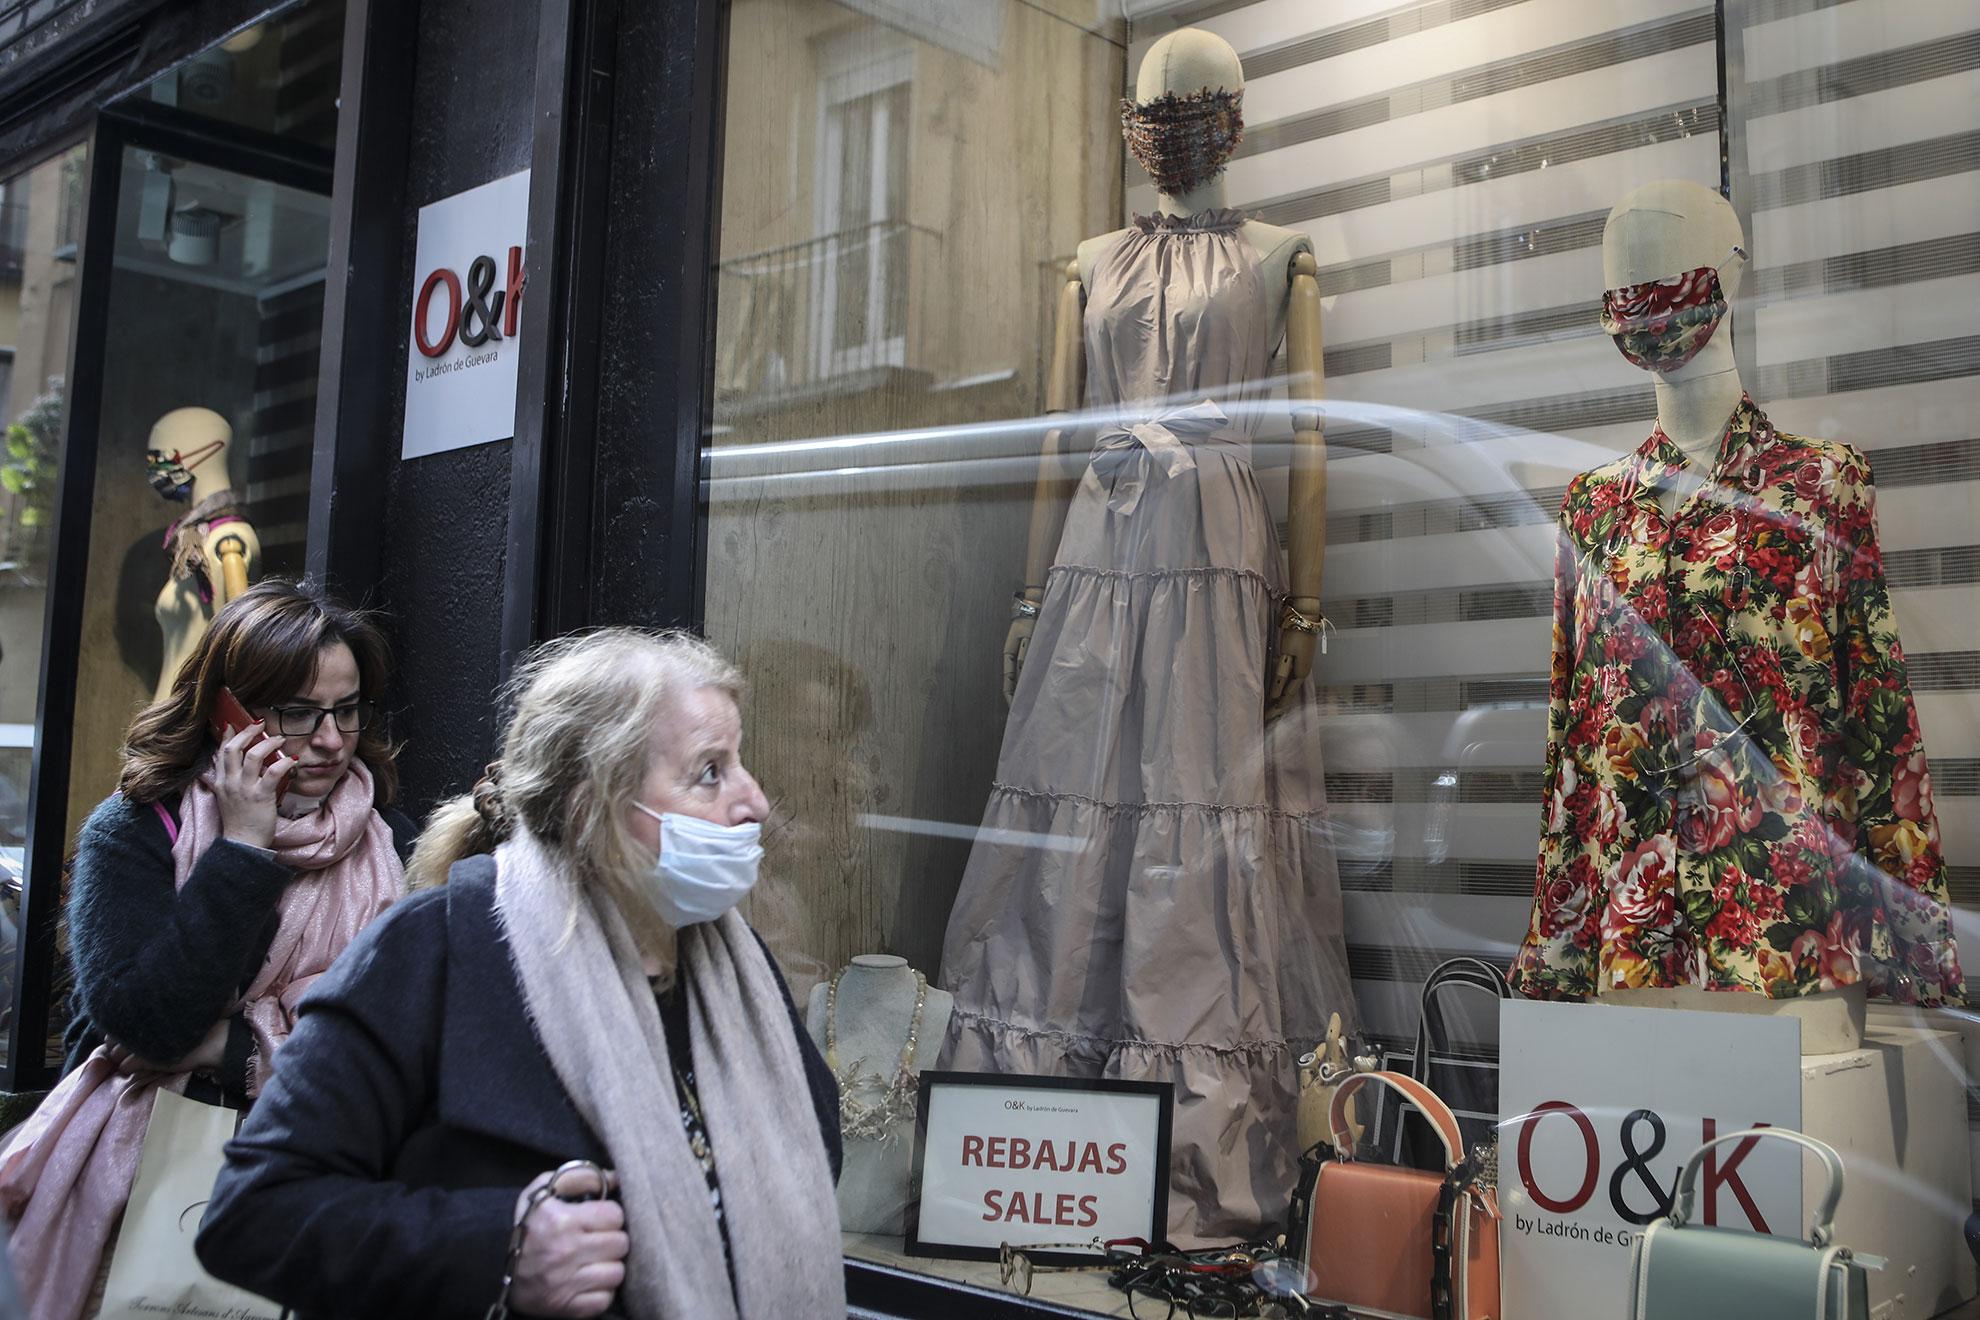 Antes de que nos tomáramos en serio el alcance de la epidemia de coronavirus en España, usar mascarilla por la calle parecía una moda banal y pasajera que incluso podíamos combinar con el estampado de la camisa. Solo unos días después se decretó el estado de alarma, el cierre de comercios y se restringió la libre circulación de personas en las calles. Un trozo de tela por muy estampada que fuese no podía detener al Covid-19.